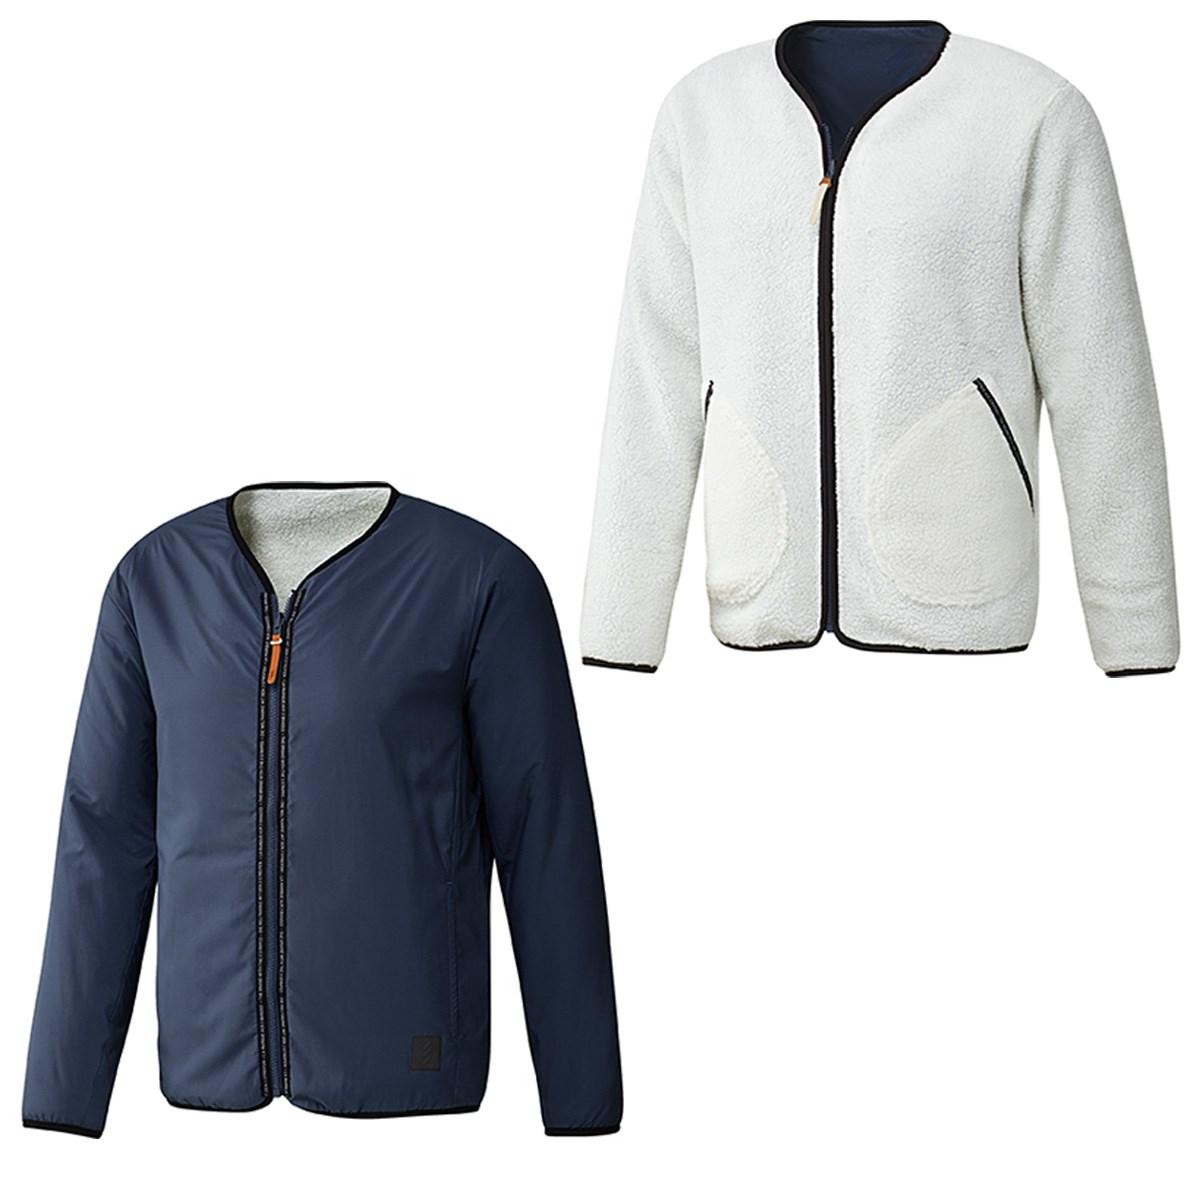 アディダス(adidas) ADICROSS リバーシブル 長袖ジャケット